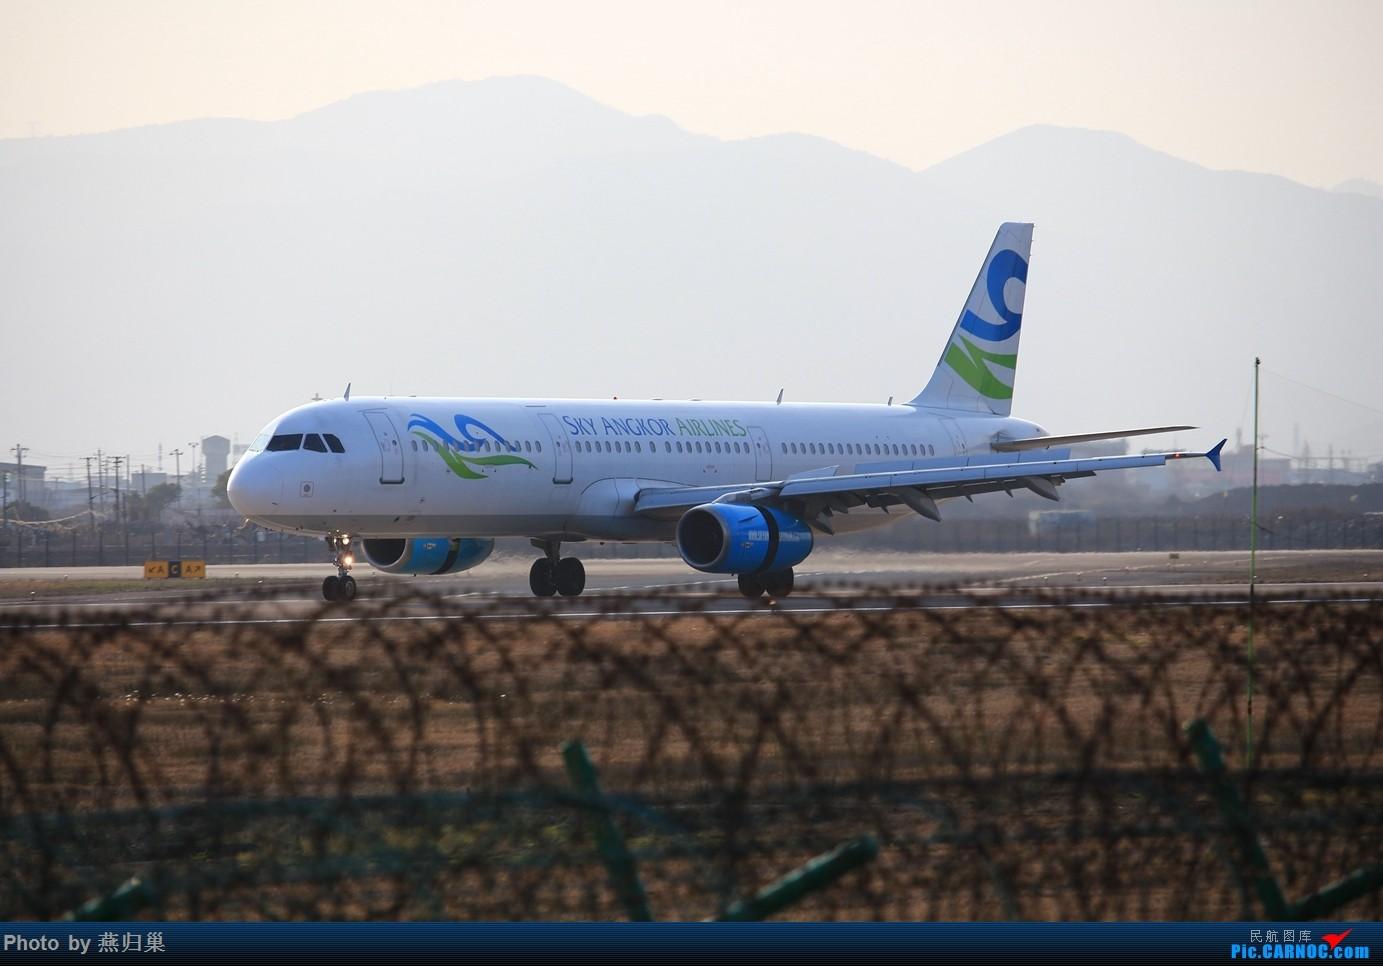 Re:[原创]【宁波飞友会】年前NGB拍机合集 AIRBUS A321-200 XU-707 中国宁波栎社国际机场